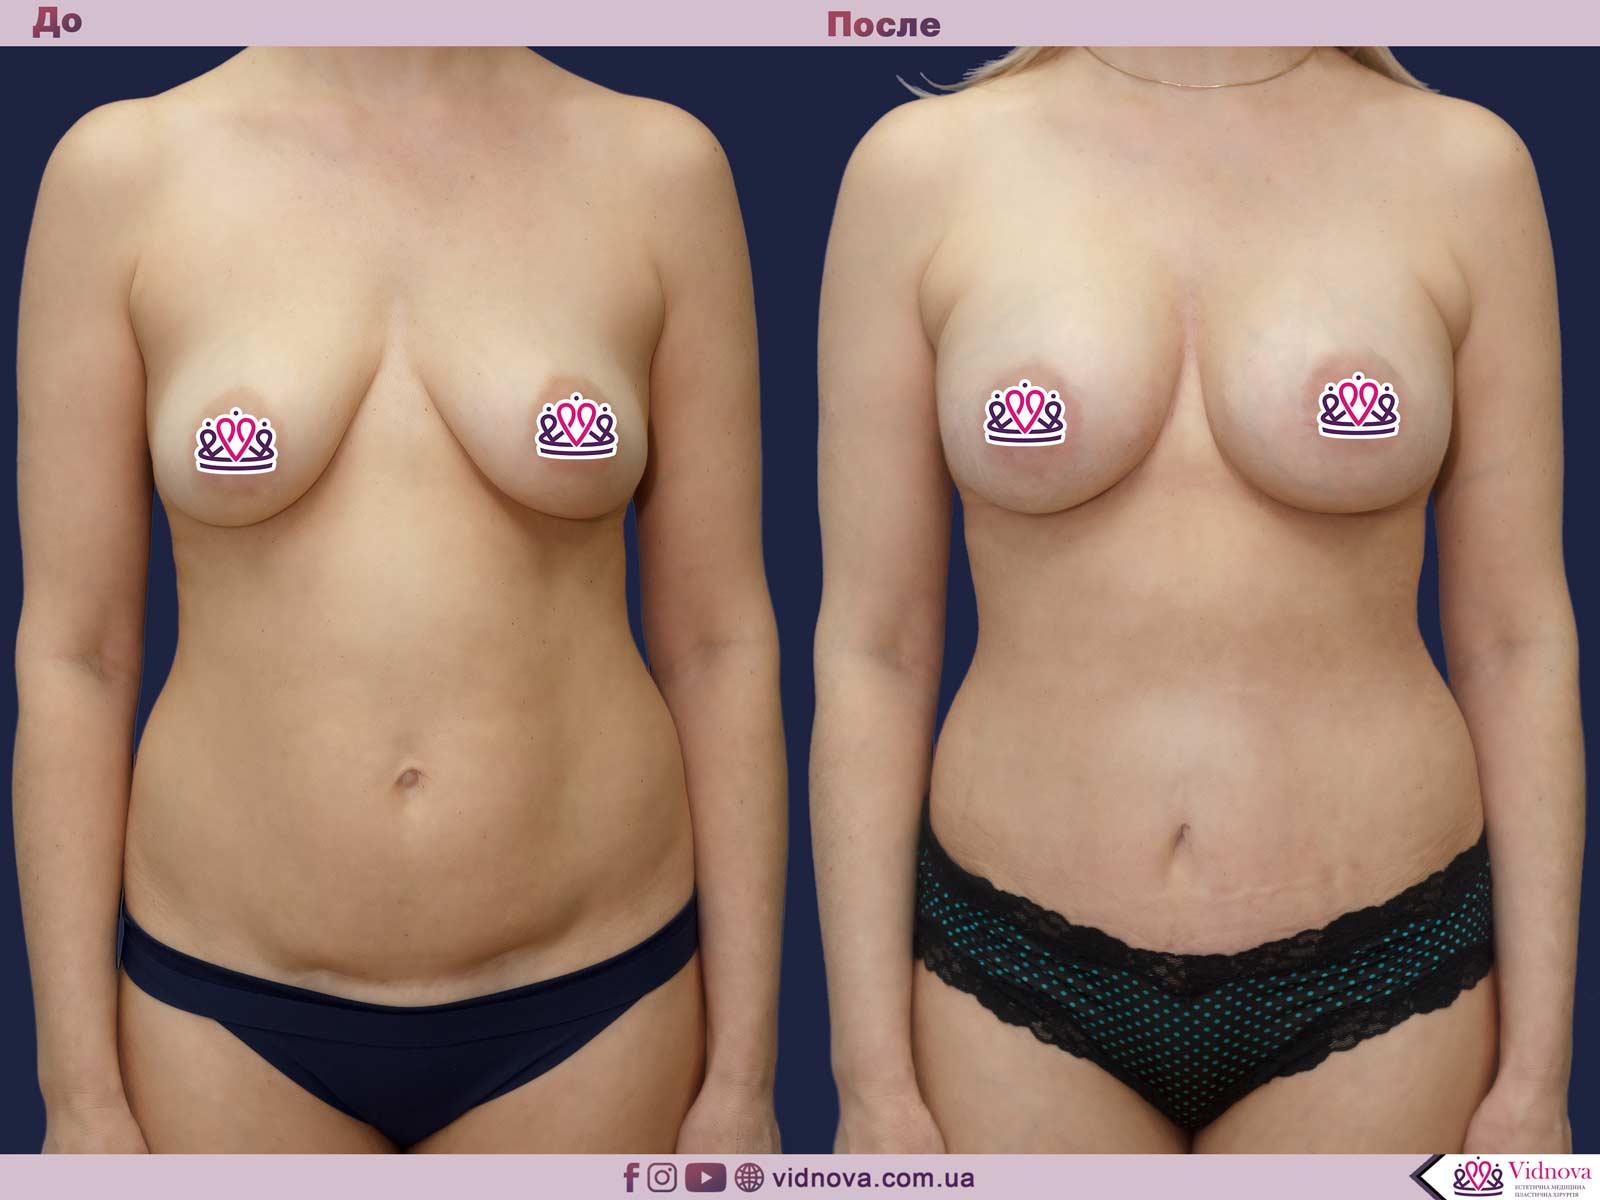 Совмещенные операции: Фото До и После - Пример №7-2 - Клиника Vidnova